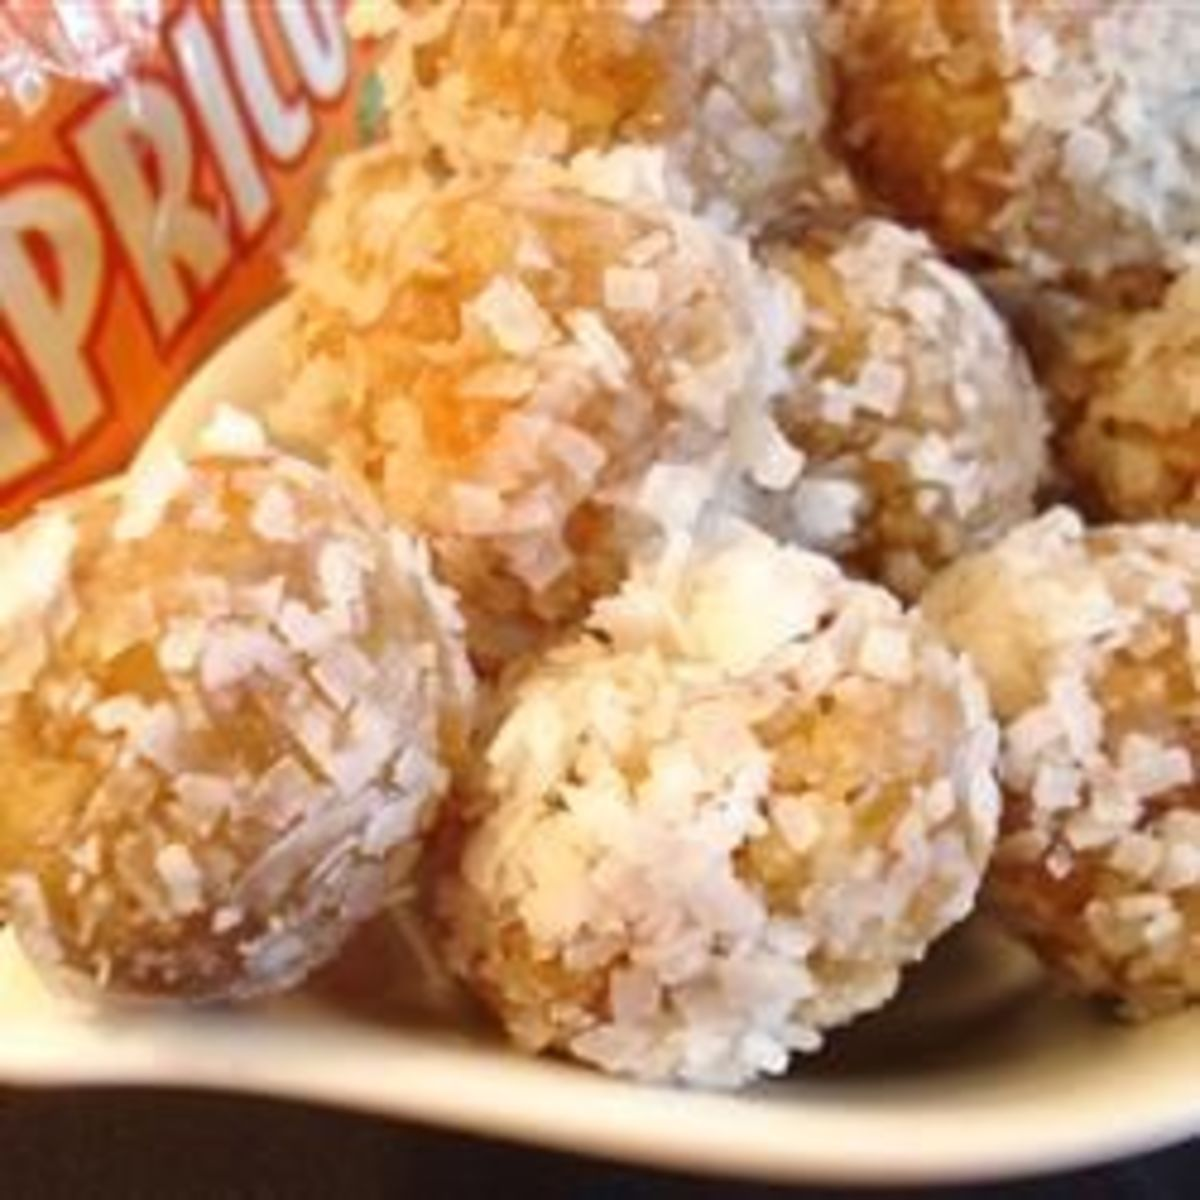 Apricot Confection No Bake Dessert